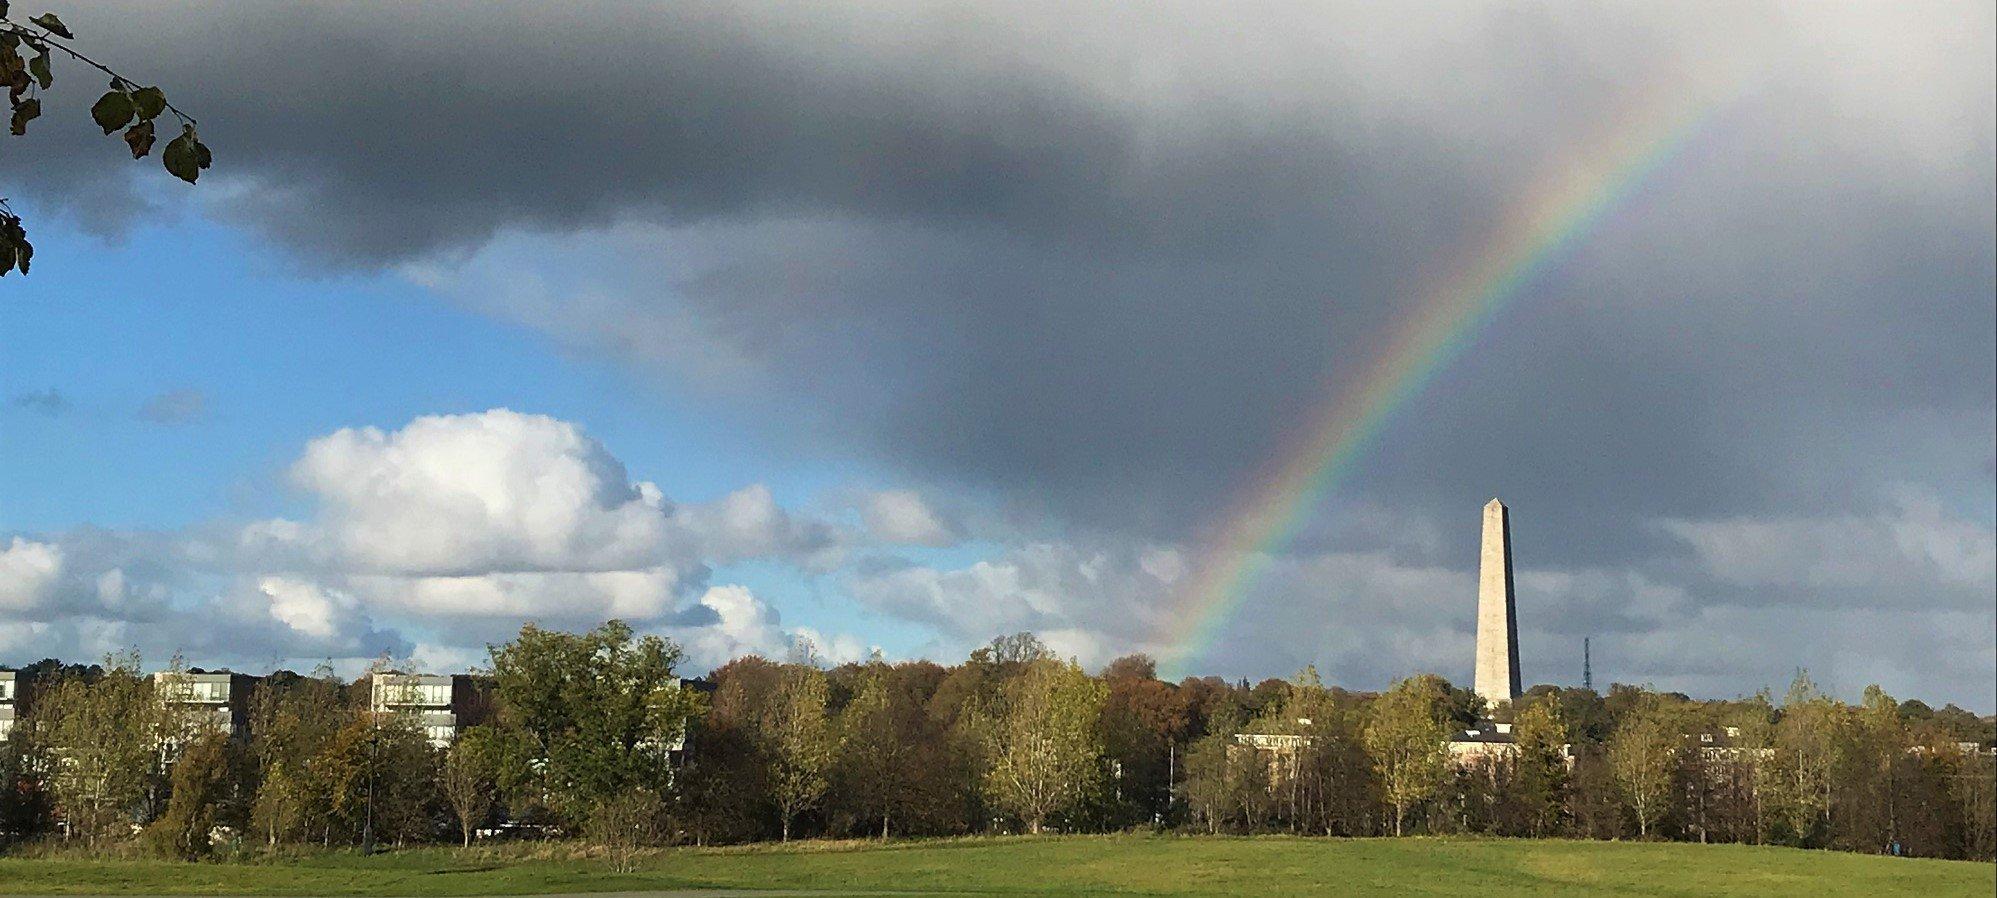 Ein Regenbogen wölbt sich über einem Obelisken am Himmel